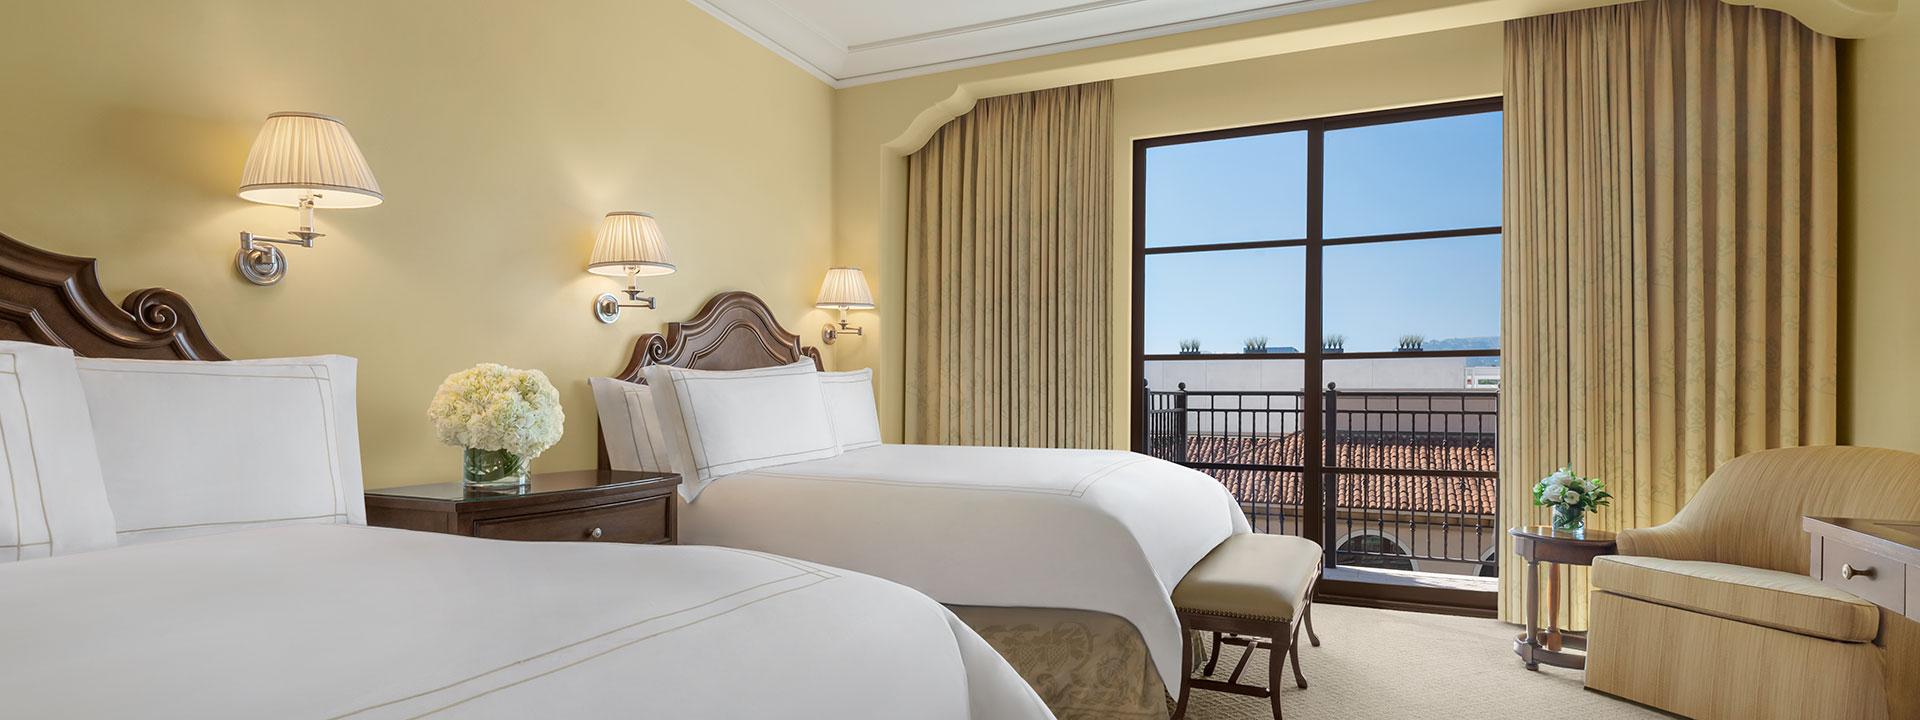 Garden Terrace Two Queen Room Accessible bedroom view